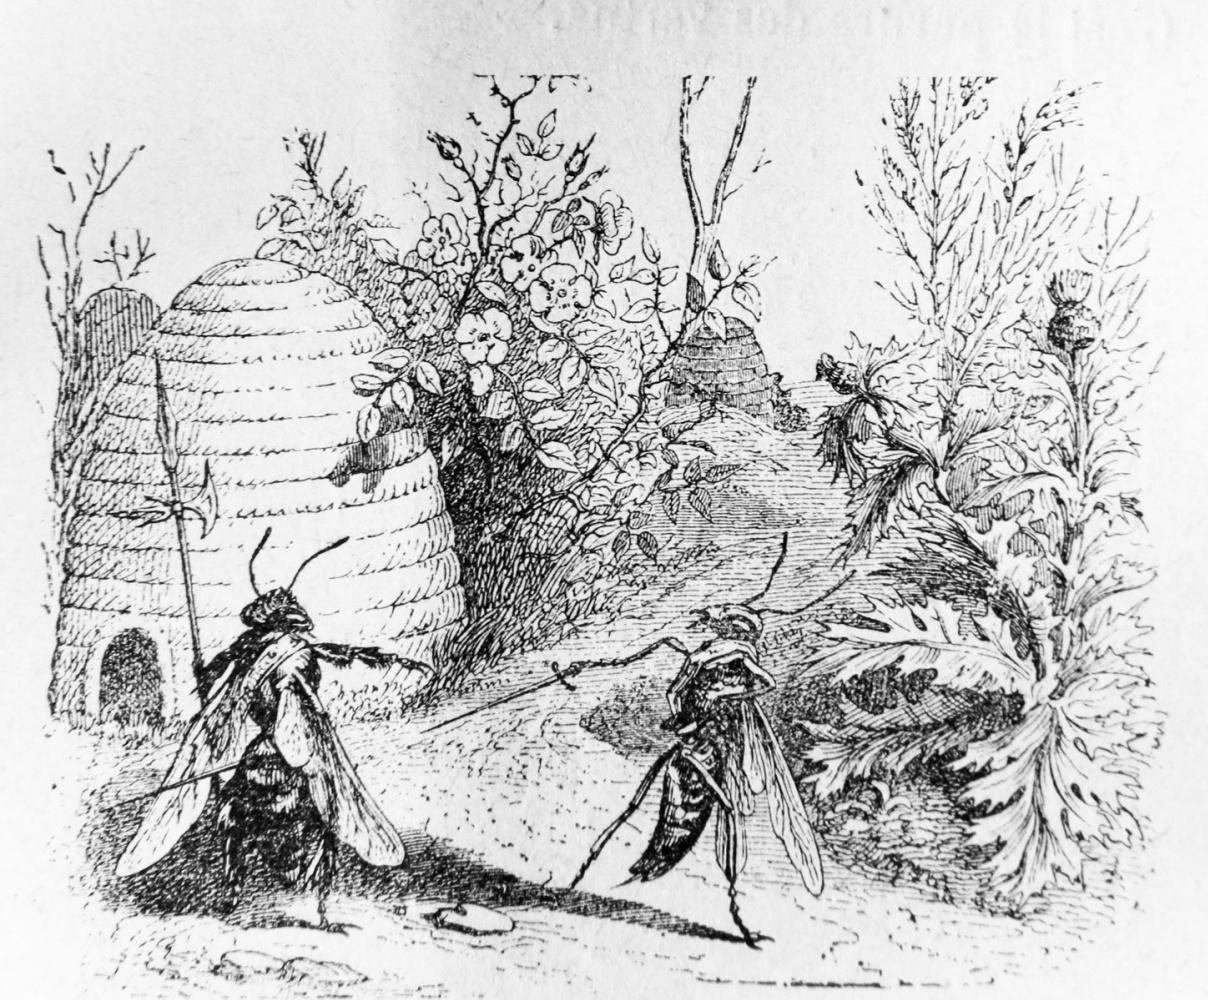 Жан Иньяс Изидор (Жерар) Гранвиль. Оса и Пчела. Иллюстрации к басням Флориана